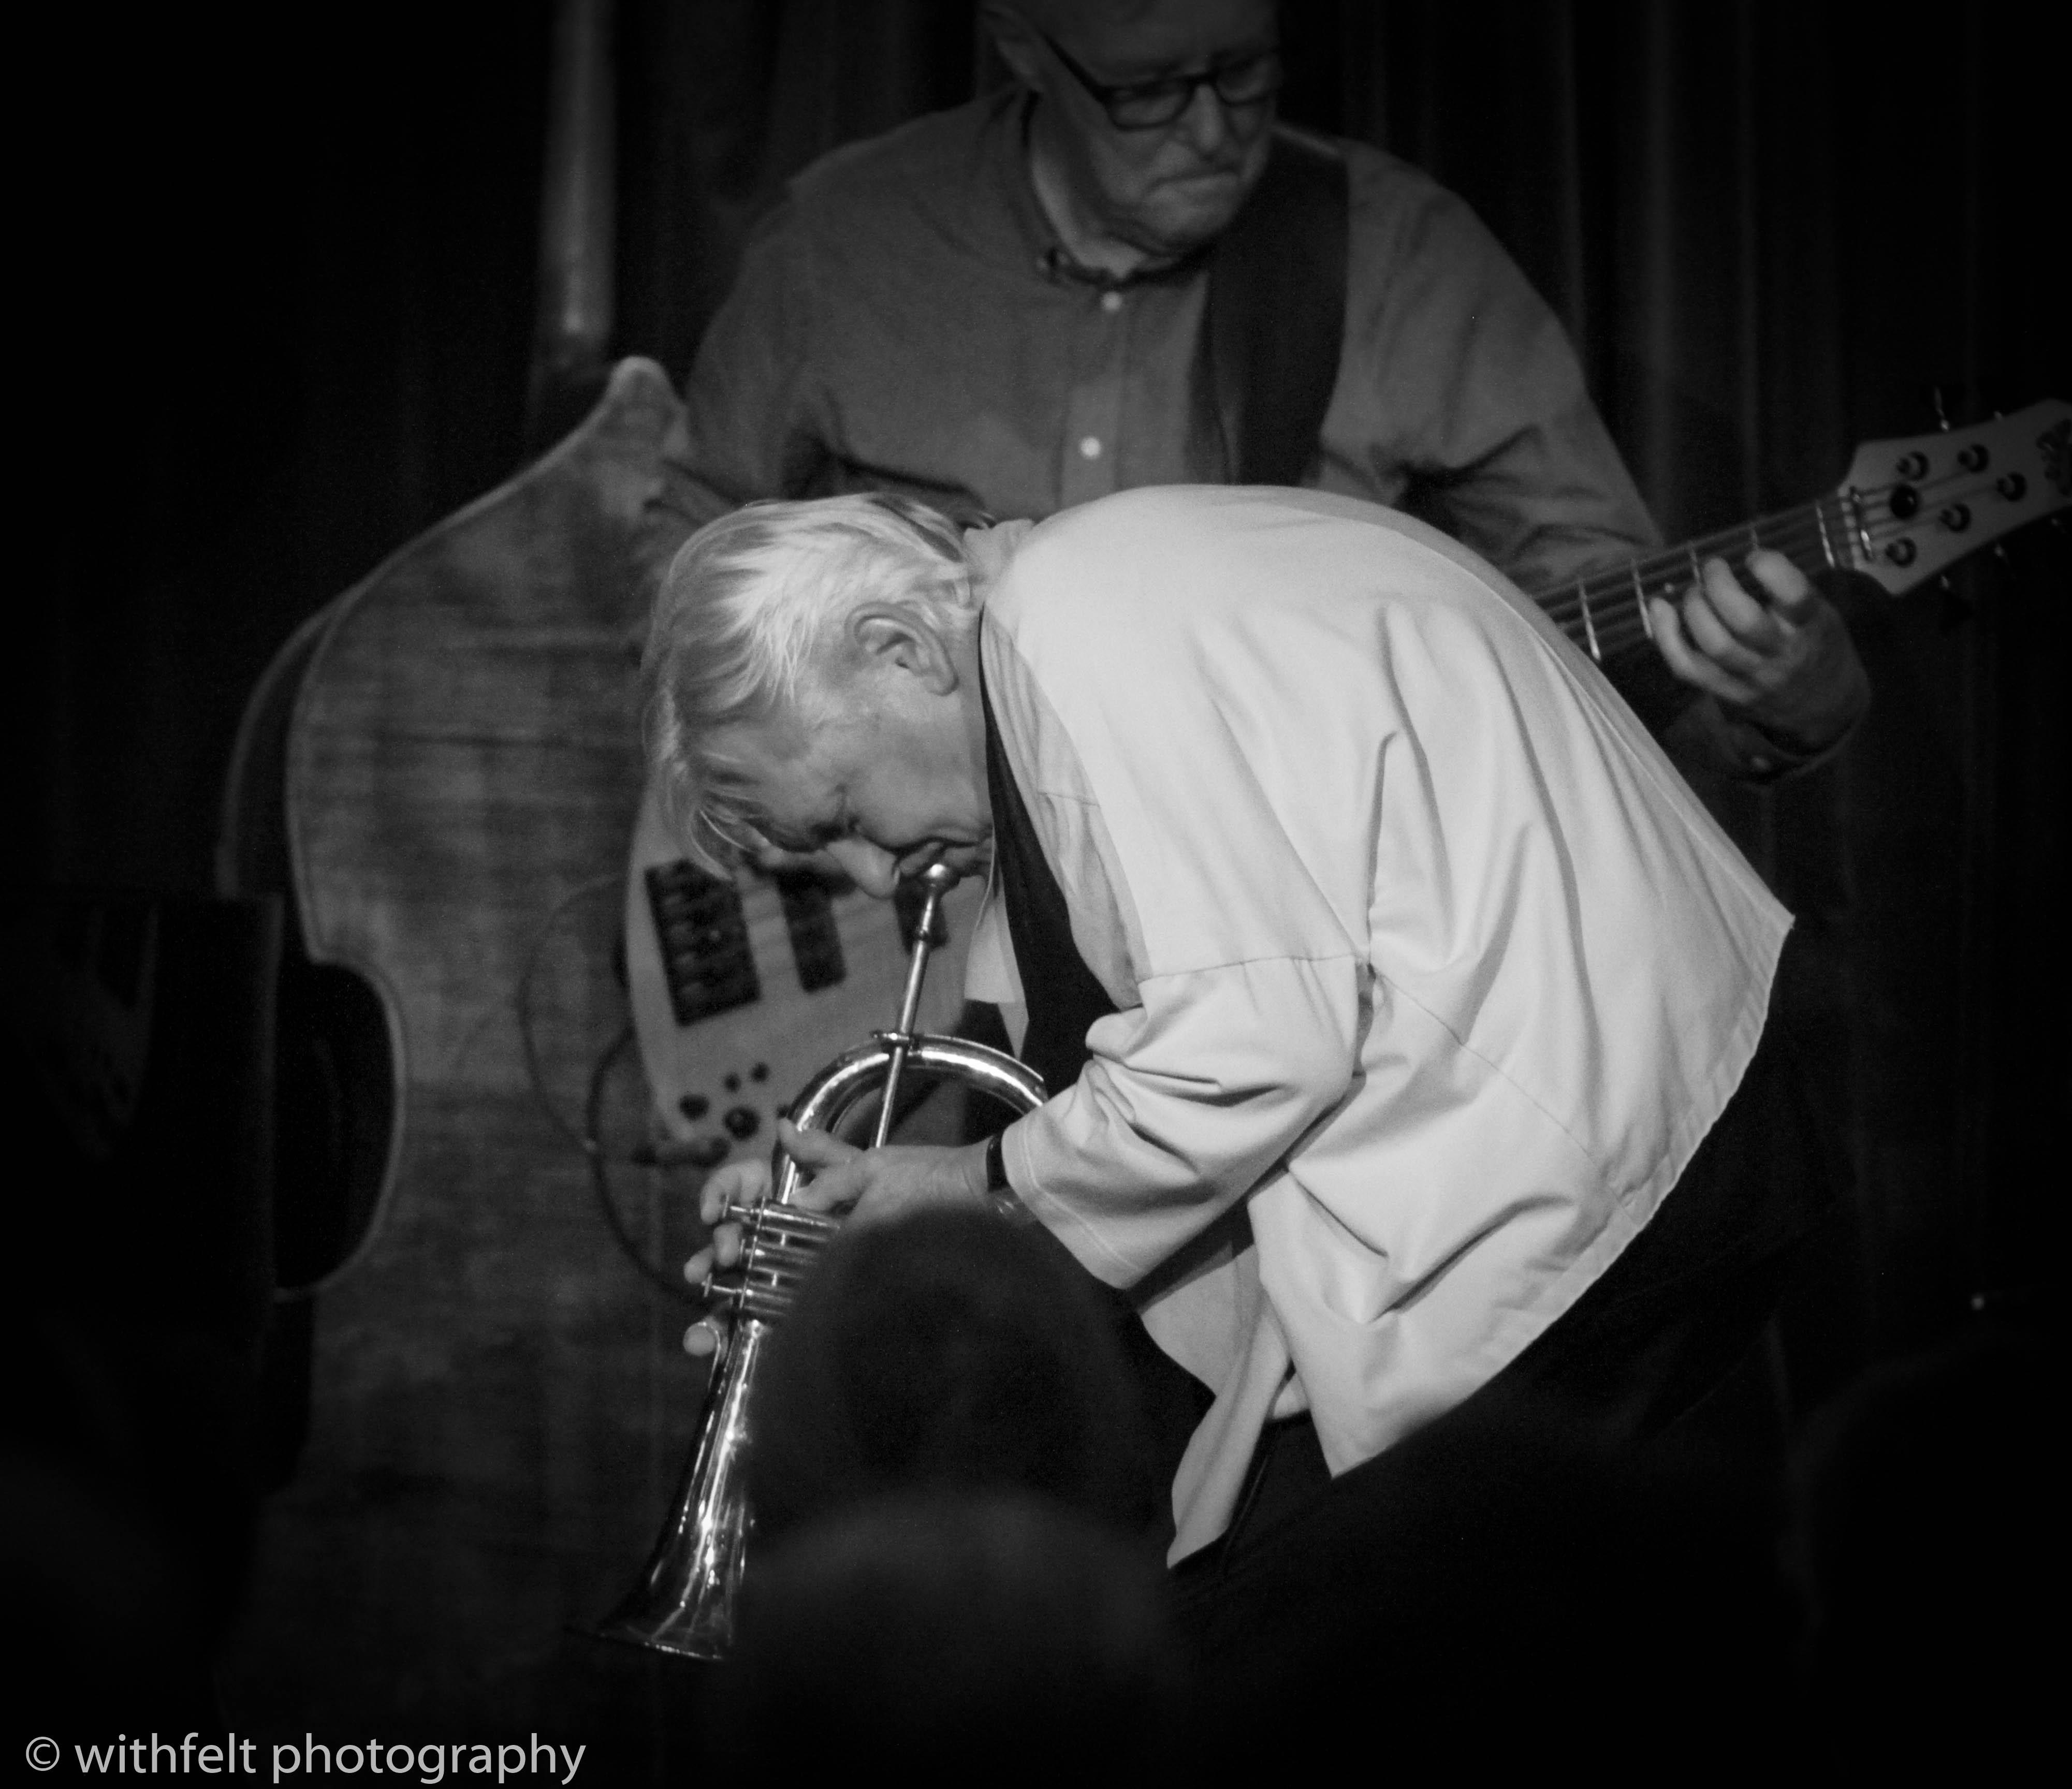 Palle Mikkelborg ( Riel / Mikkelborg / Stief / Dahl ) at Jazzhus Montmartre in Copenhagen, Denmark 25.08.2018